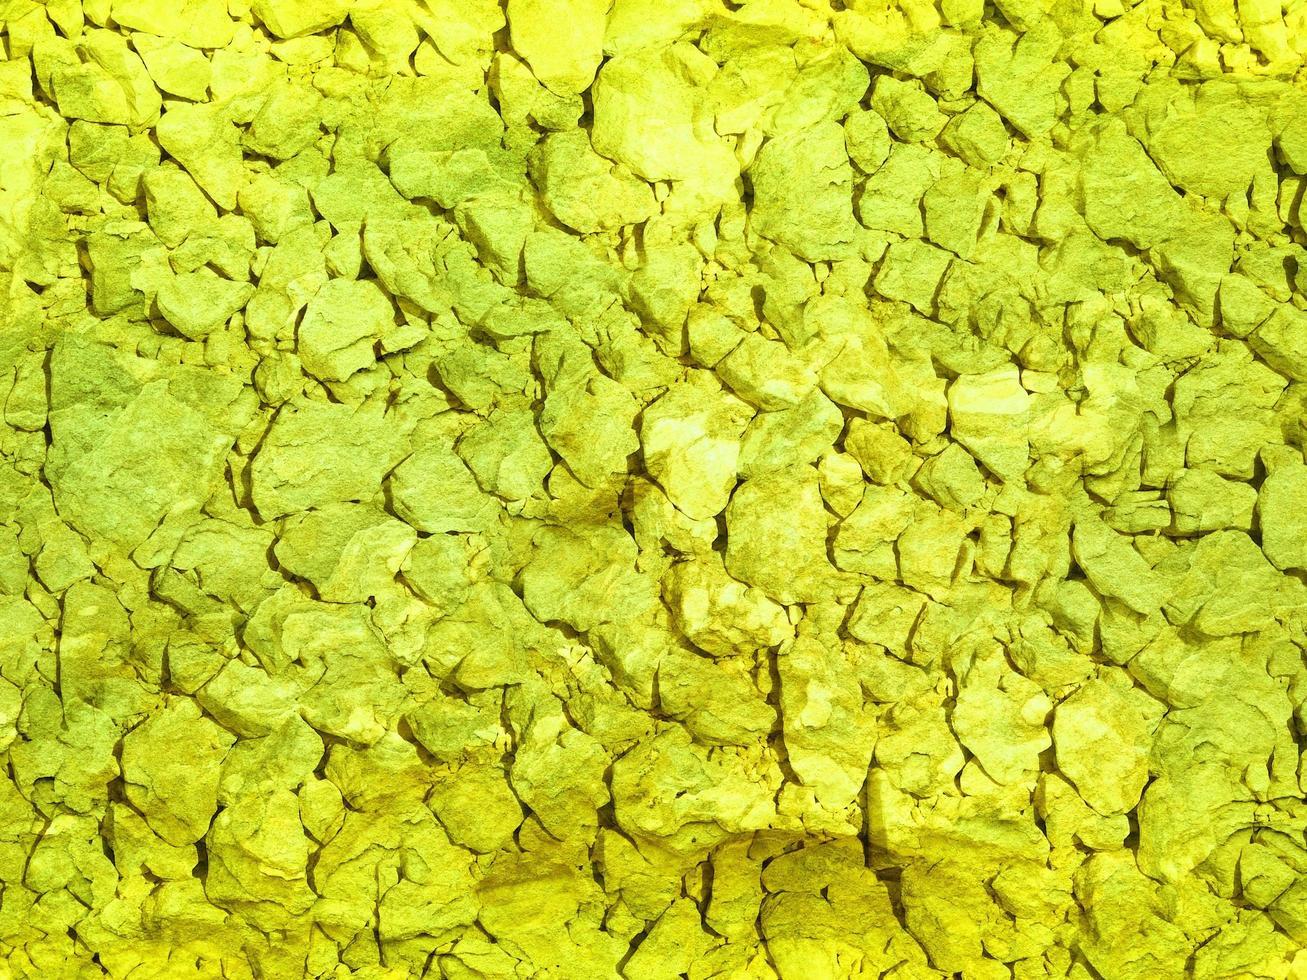 textura de piedra amarilla foto